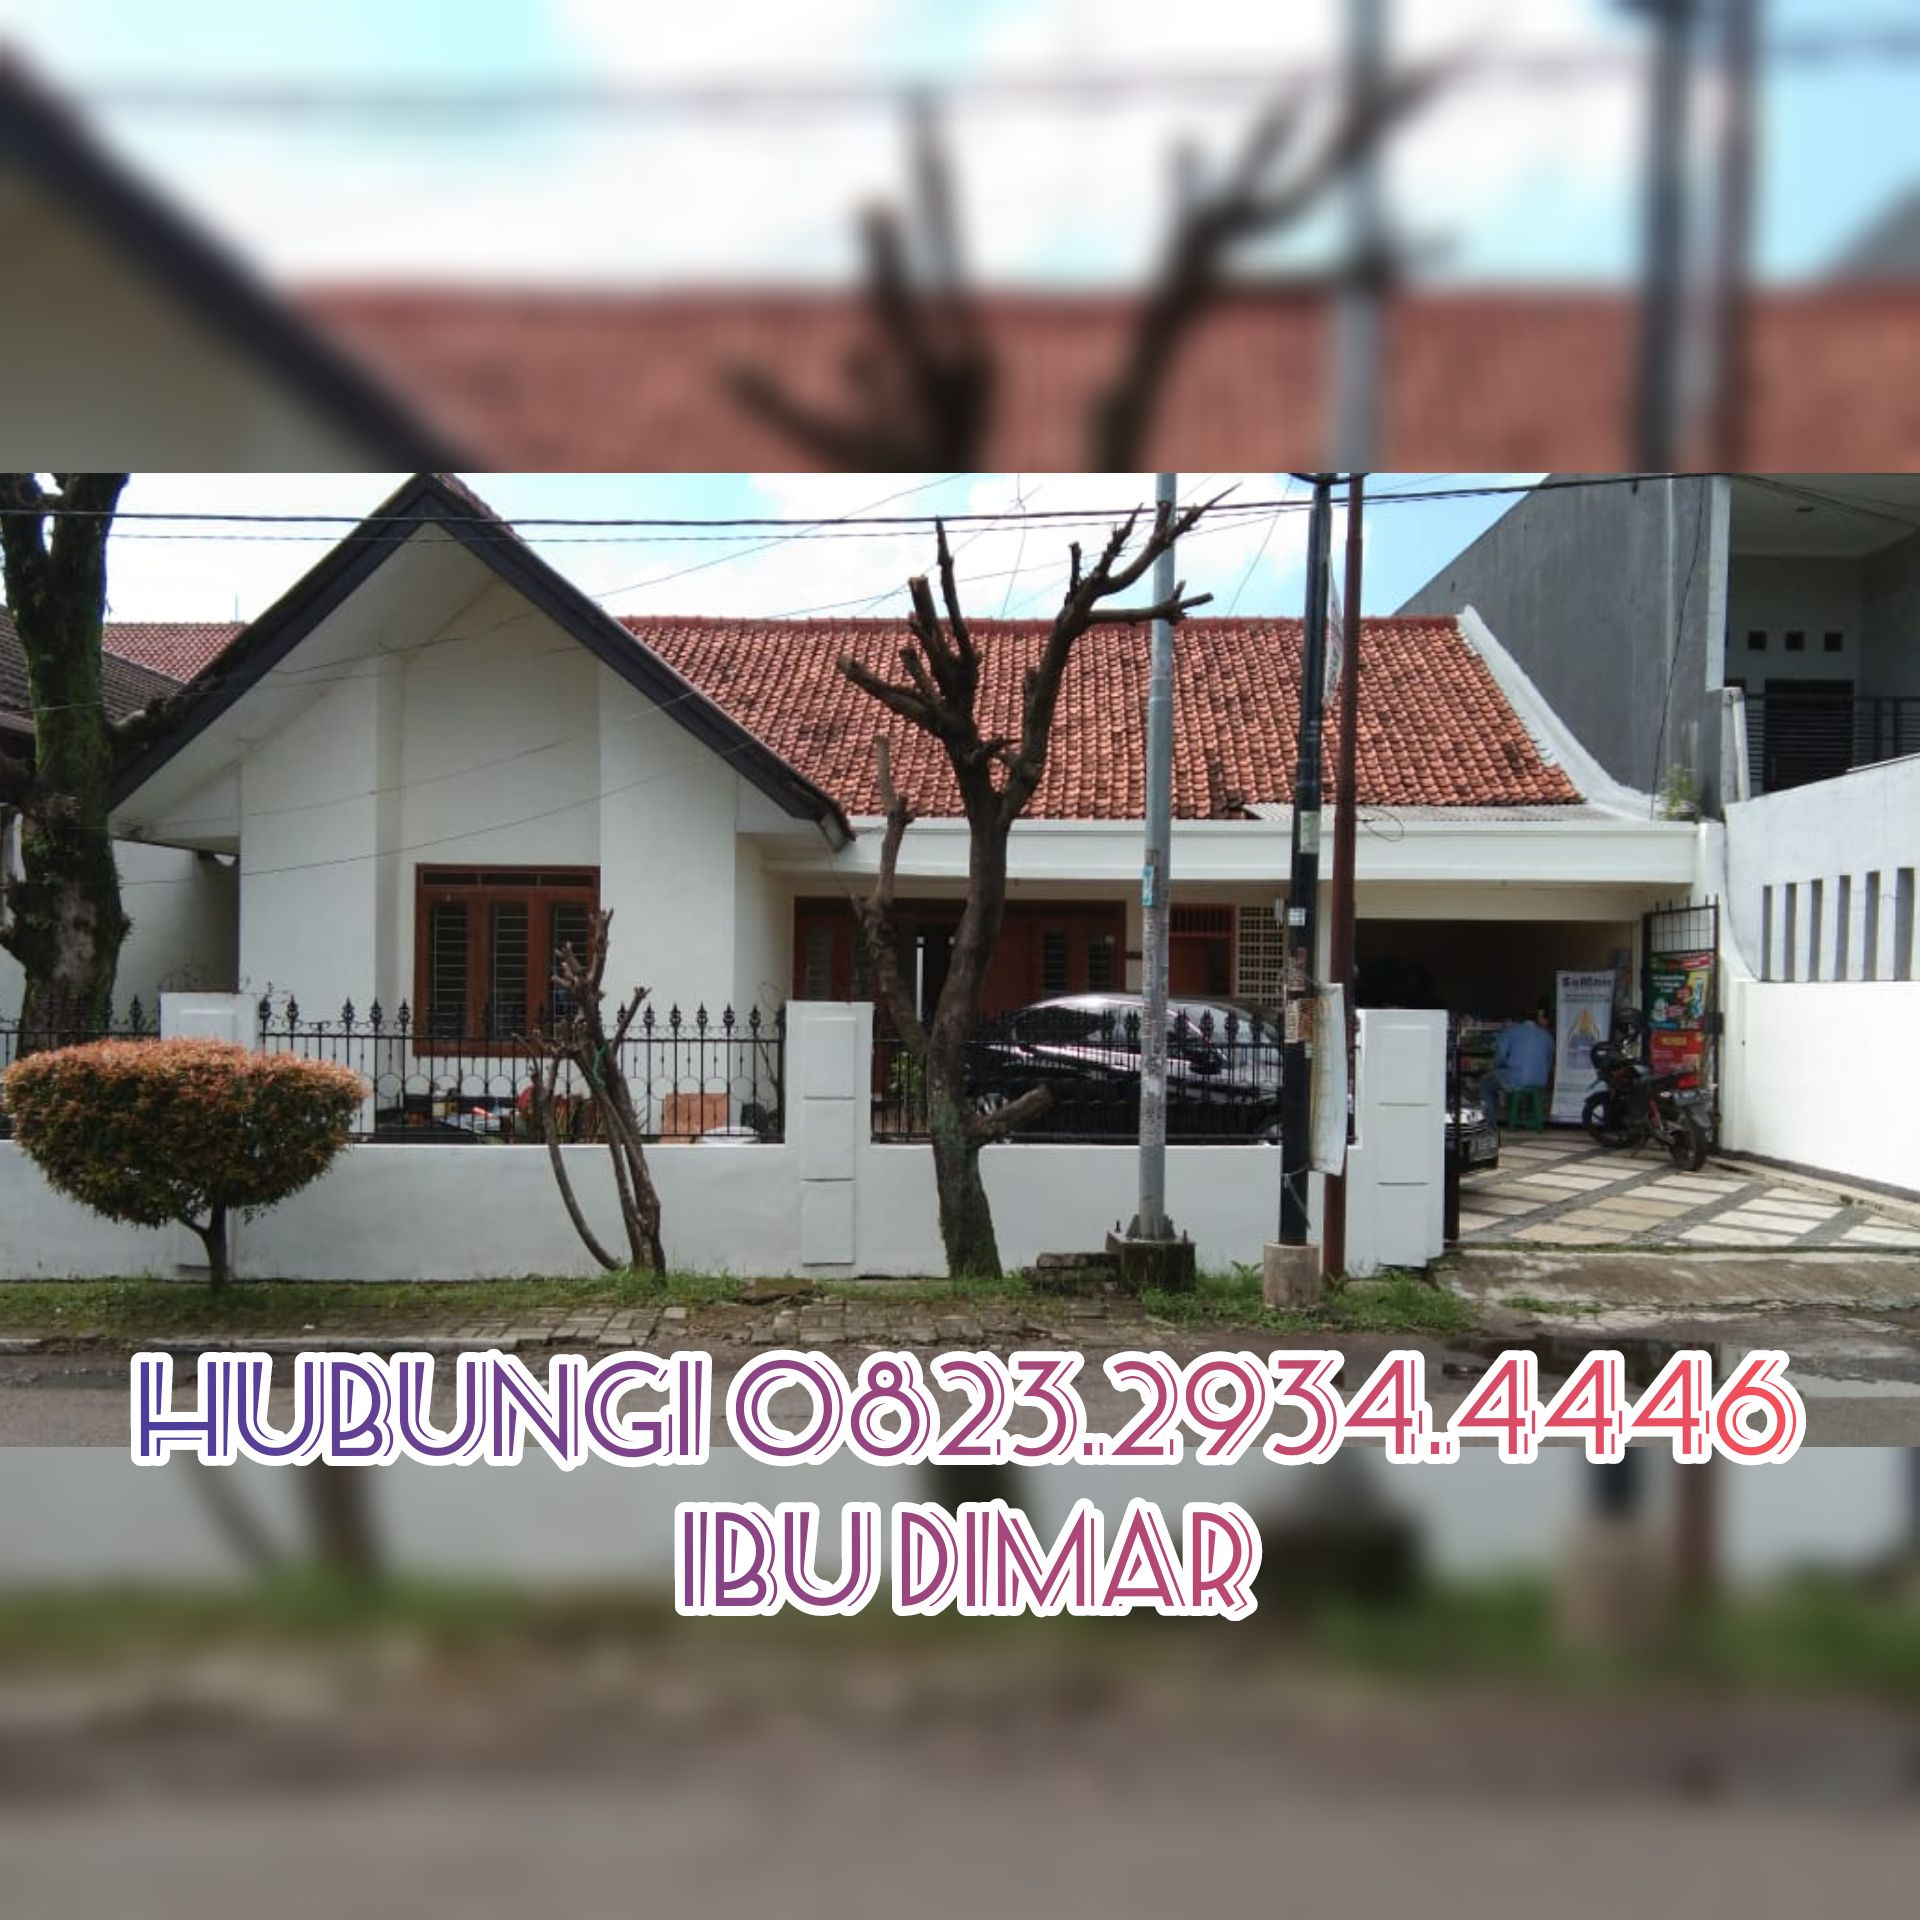 Dijual Rumah Mewah Jual Rumah Murah Jual Rumah Cepat 0823 2934 4446 0857 9138 1223 Rumah Rumah Mewah Rumah Baru